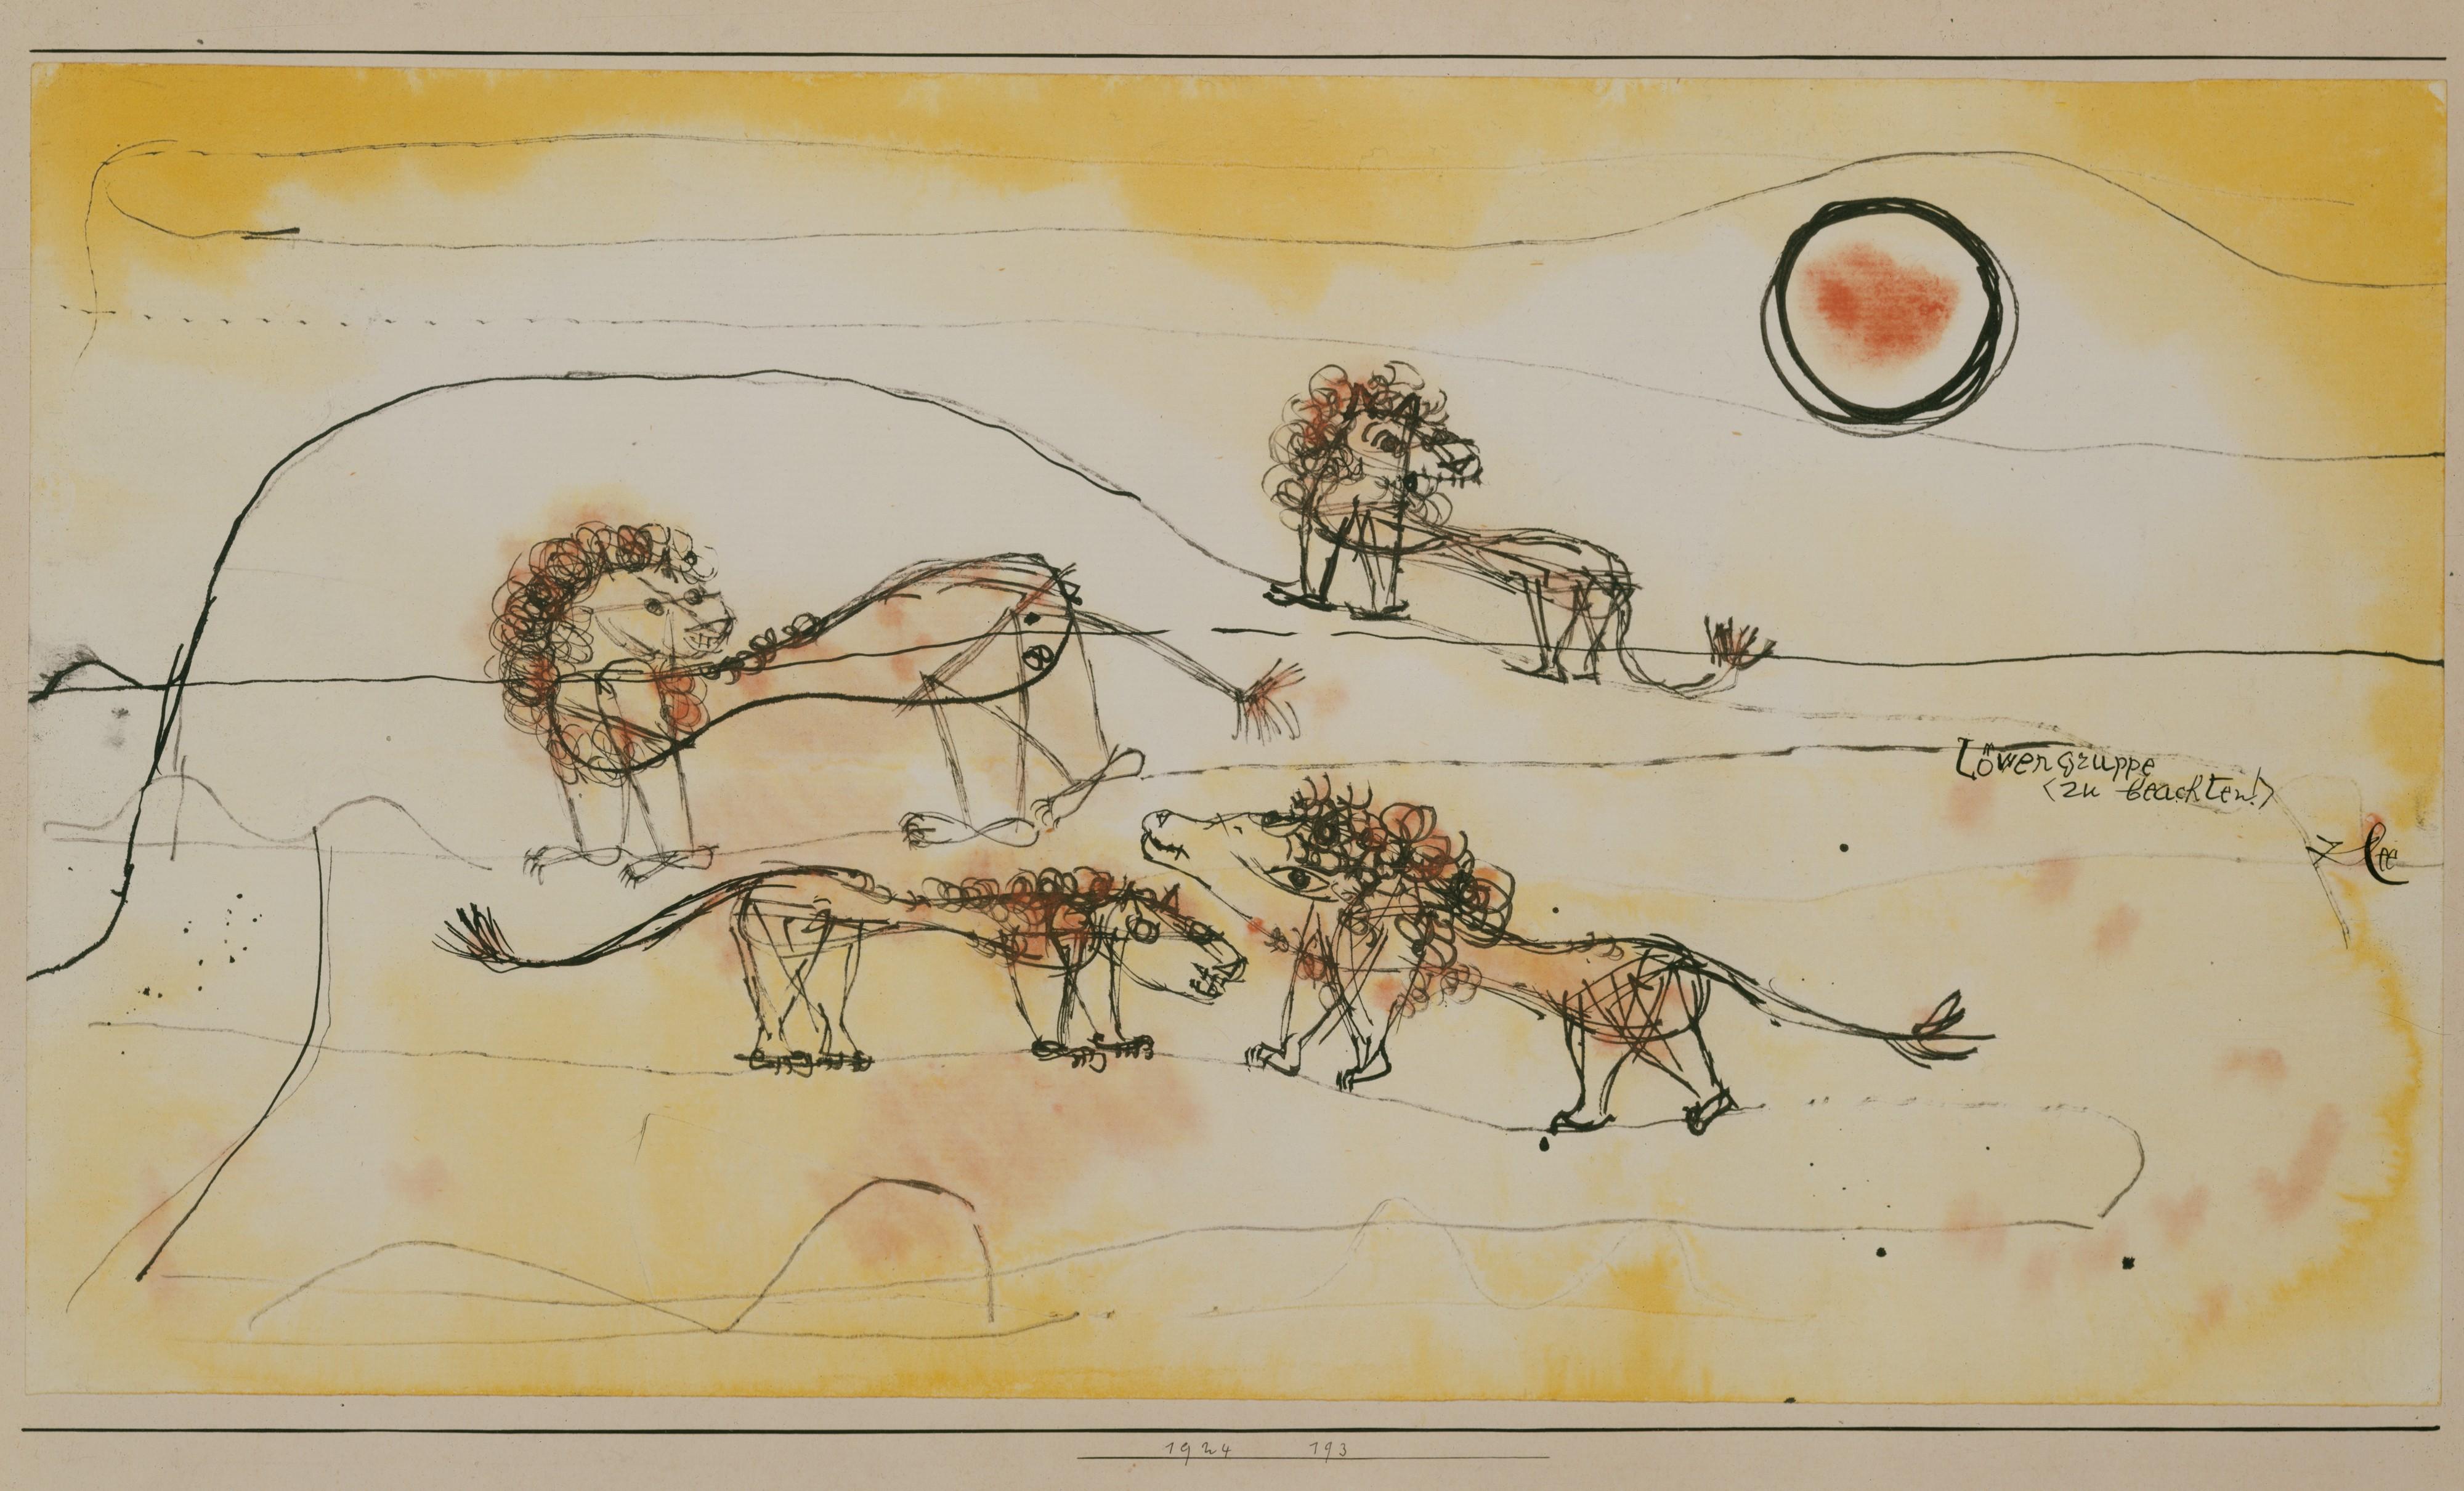 Paul Klee Pride of Lions